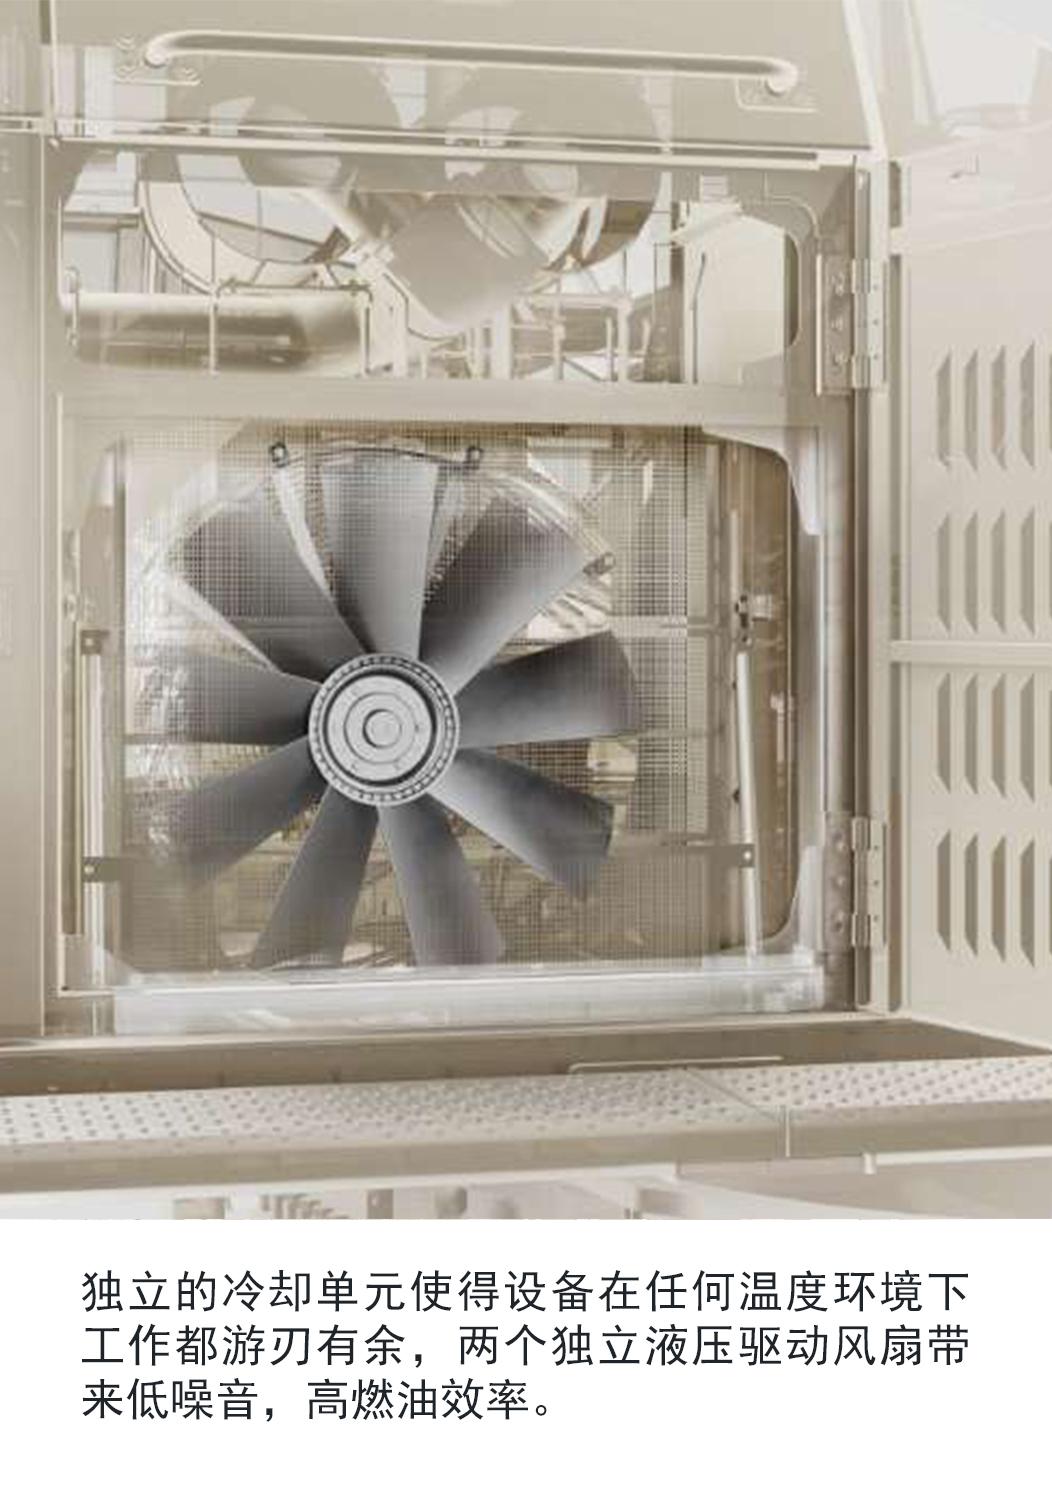 【多圖】沃爾沃EC950EL挖掘機性能卓越的冷卻系統細節圖_高清圖